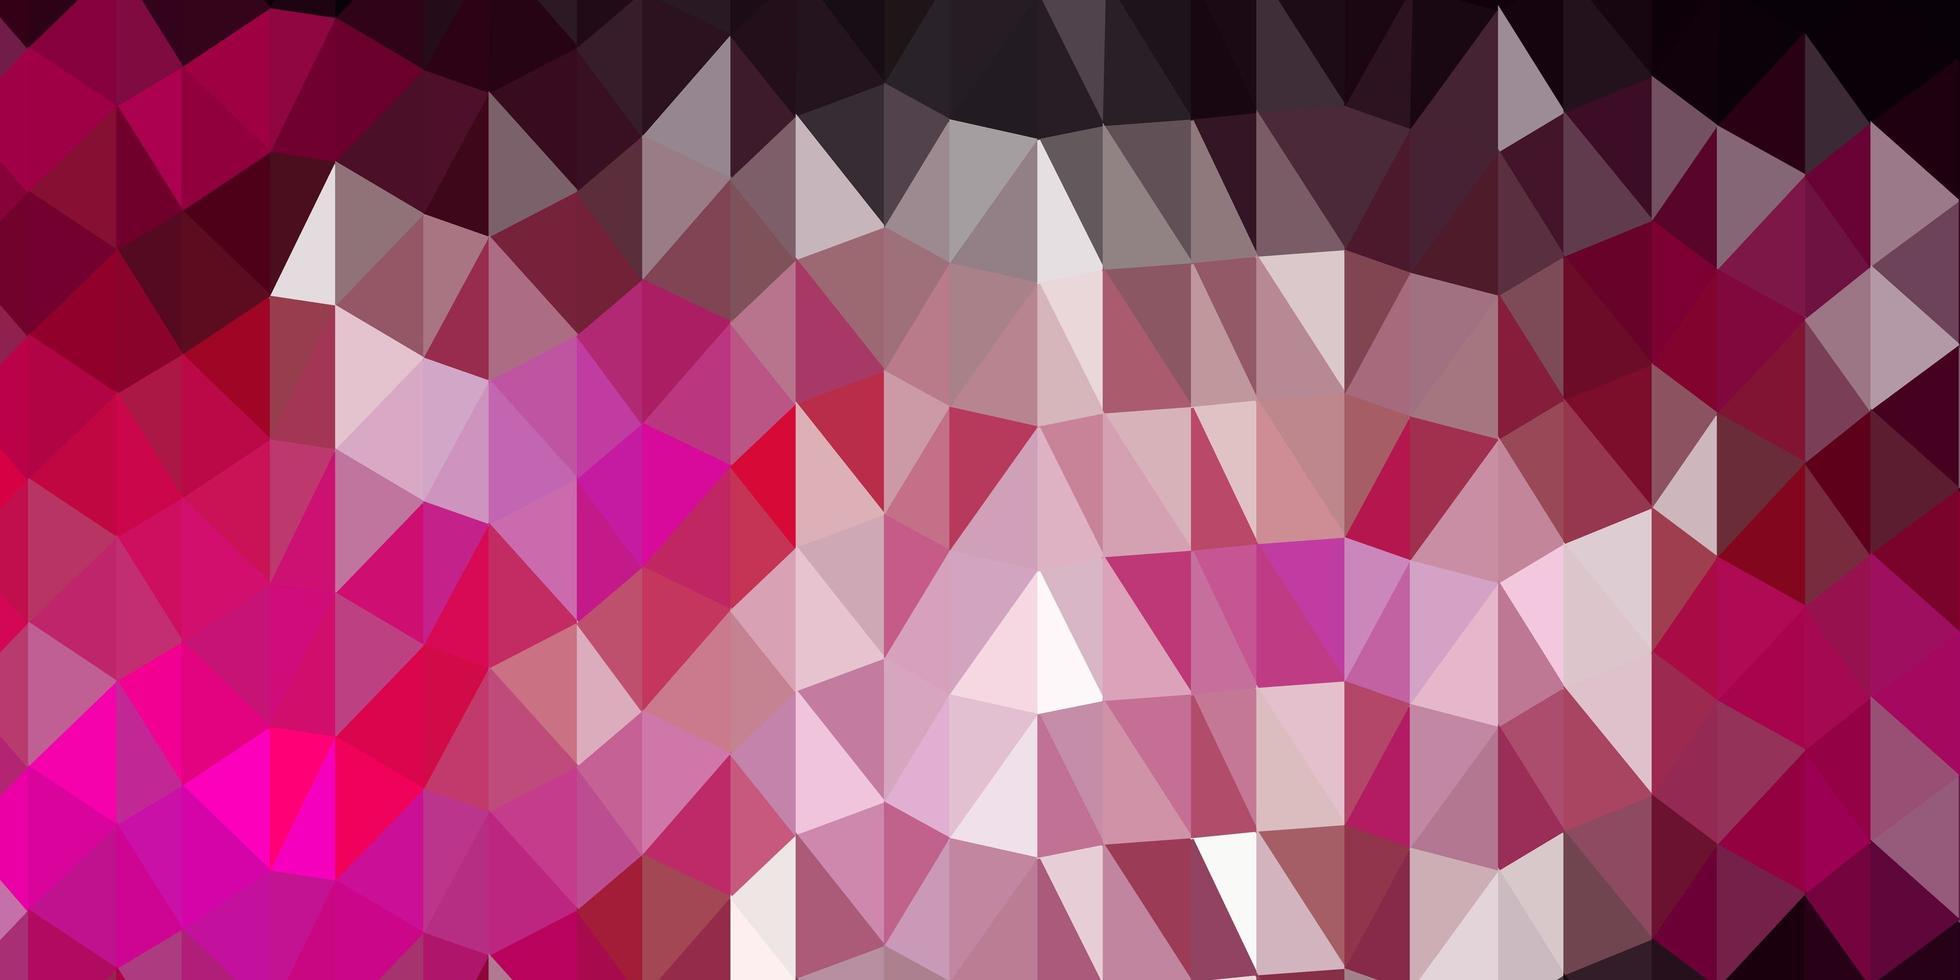 modelo de triângulo poli de vetor rosa escuro.